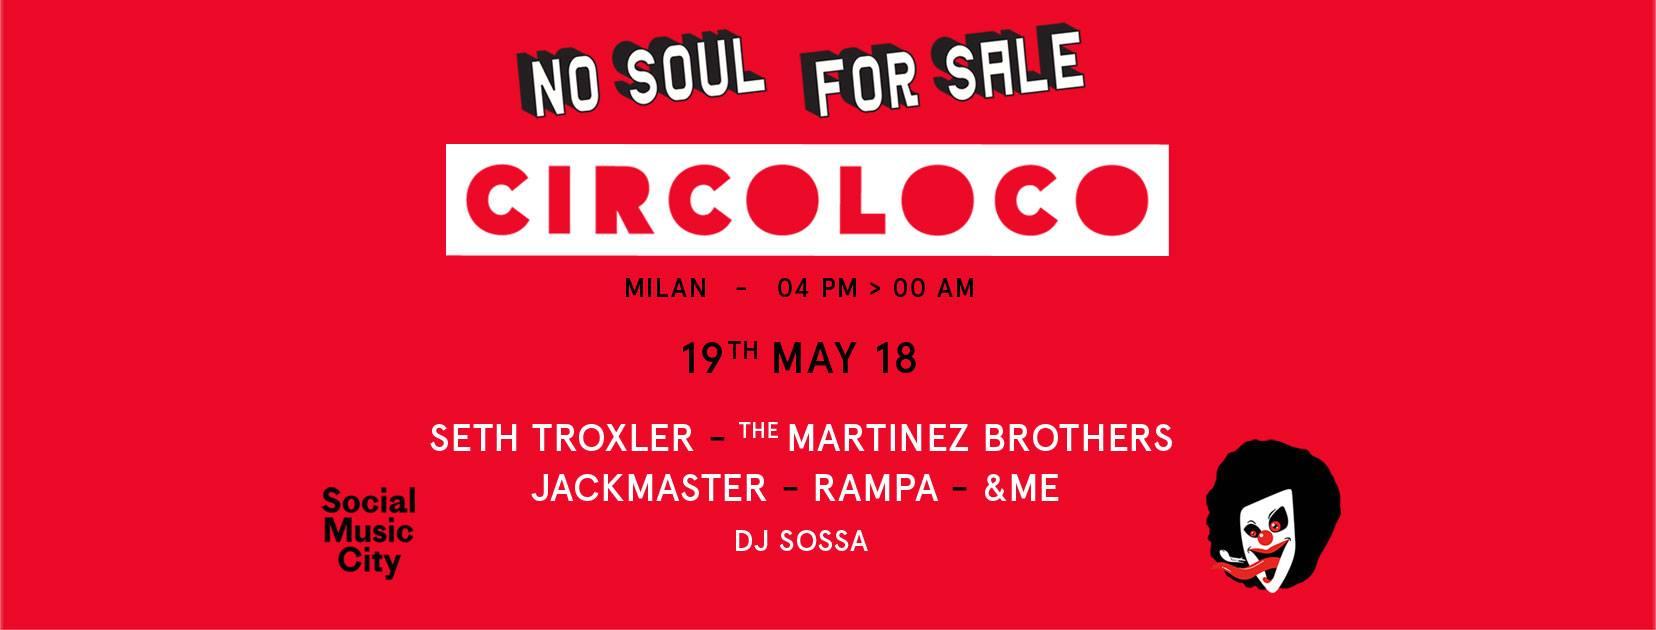 Circoloco Milano Social Music City 19 Maggio 2018